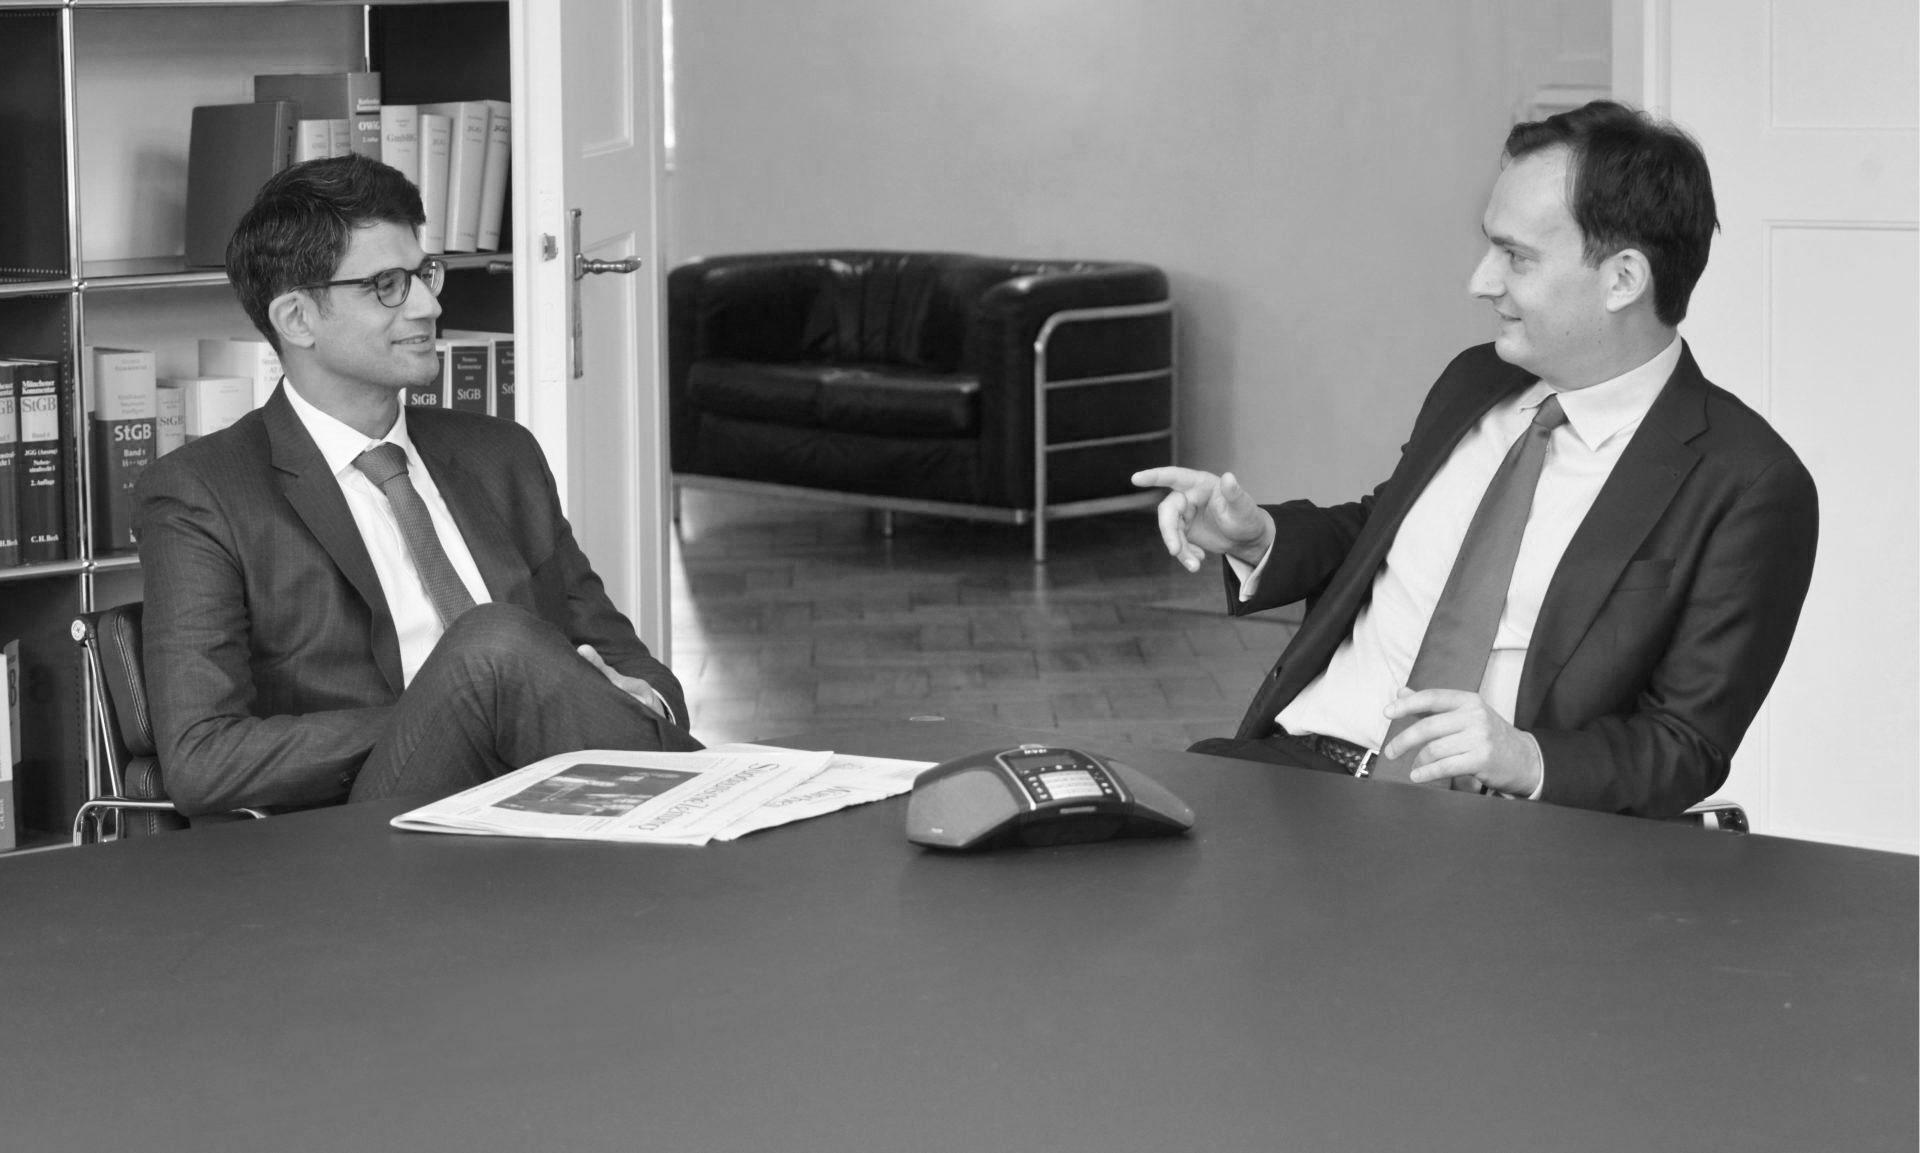 SvS Rechtsanwälte - Kanzlei für Wirtschaftsstrafrecht